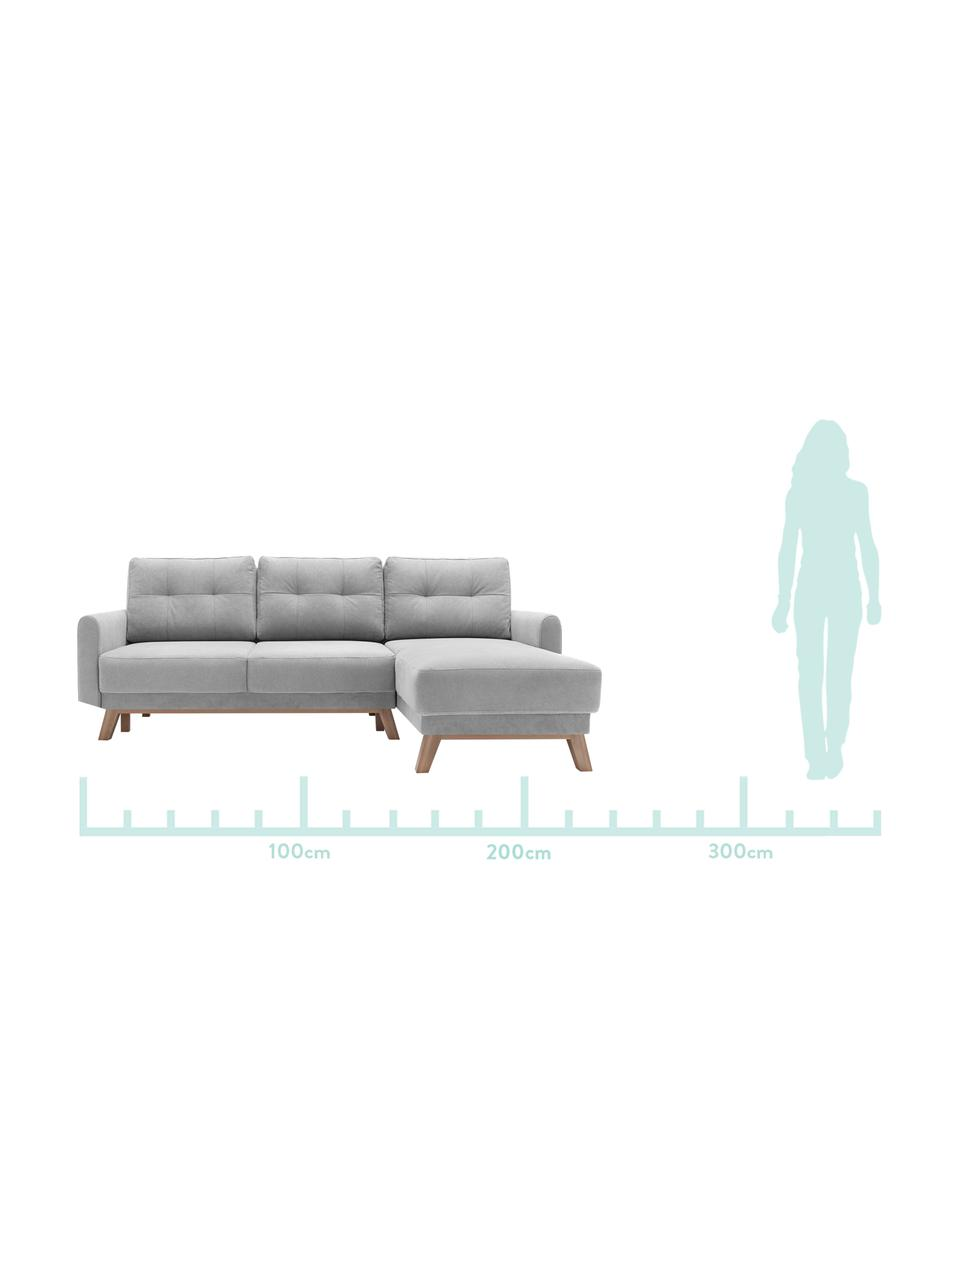 Sofa narożna z aksamitu z funkcją spania i miejscem do przechowywania  Balio (4-osobowa), Tapicerka: aksamit poliestrowy Dzięk, Nogi: drewno naturalne, Jasny szary, drewno naturalne, S 234 x G 164 cm (prawostronna)